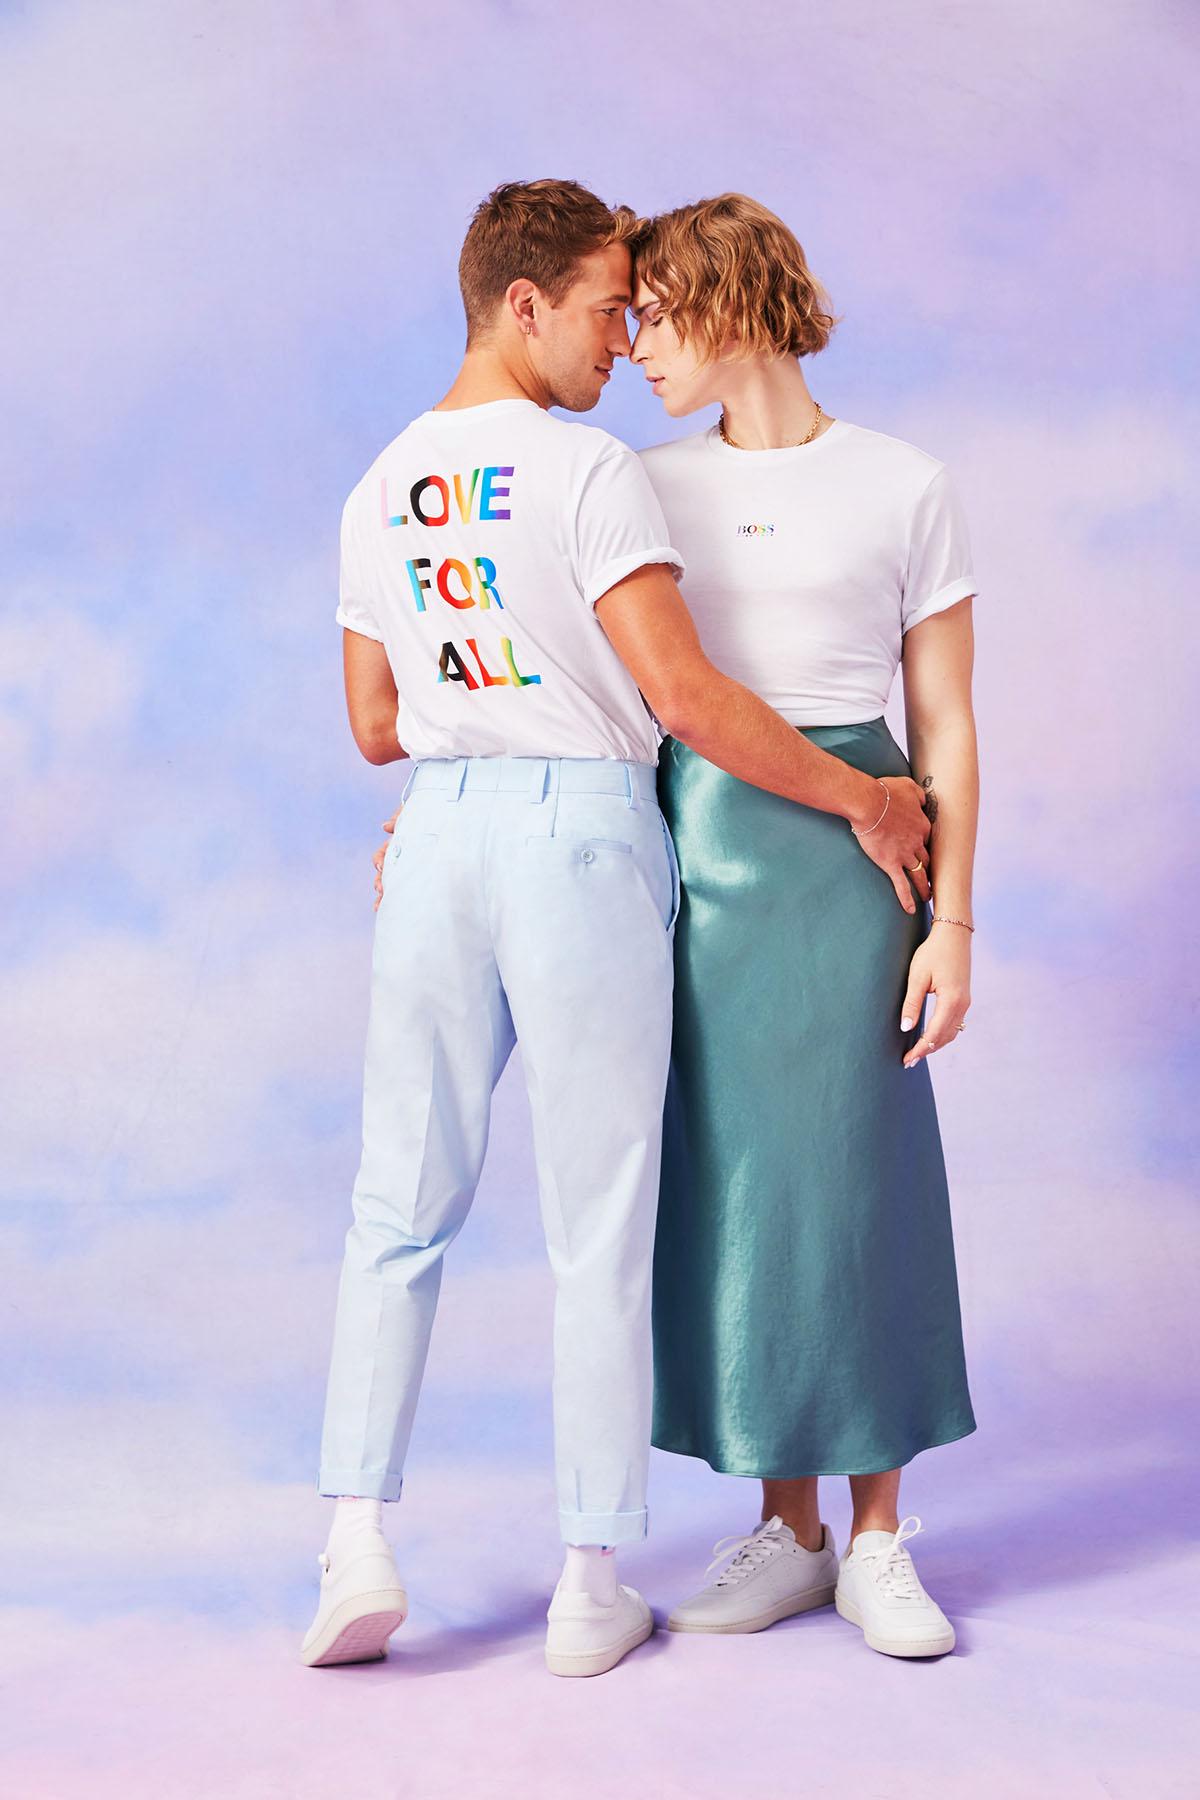 BOSS Pride 2021 Campaign